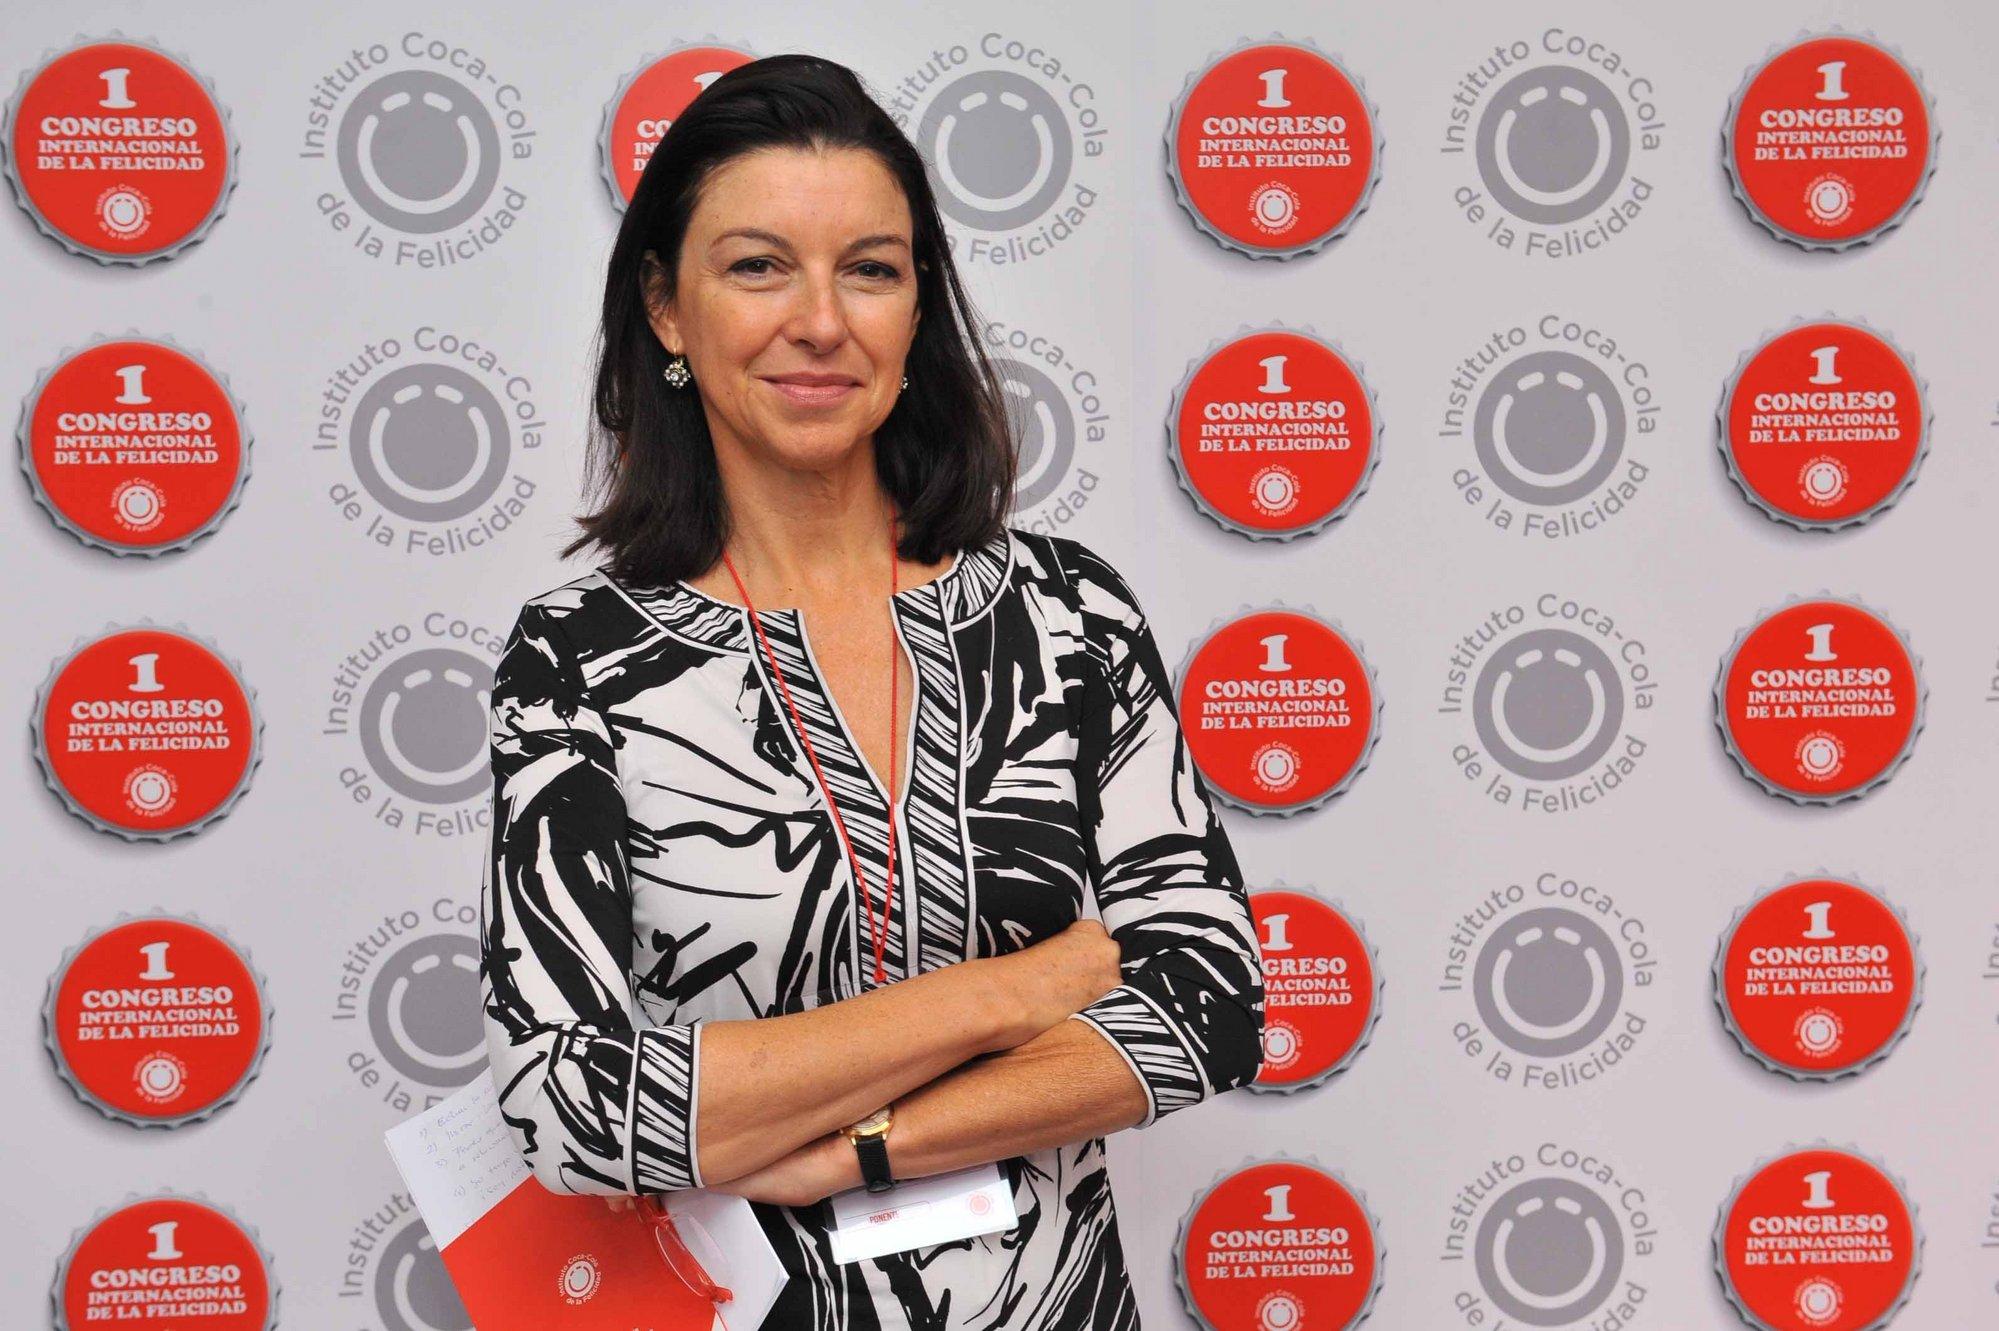 Alejandra Vallejo-Nágera pronuncia hoy una conferencia en León y presenta el libro »Hablemos de felicidad»